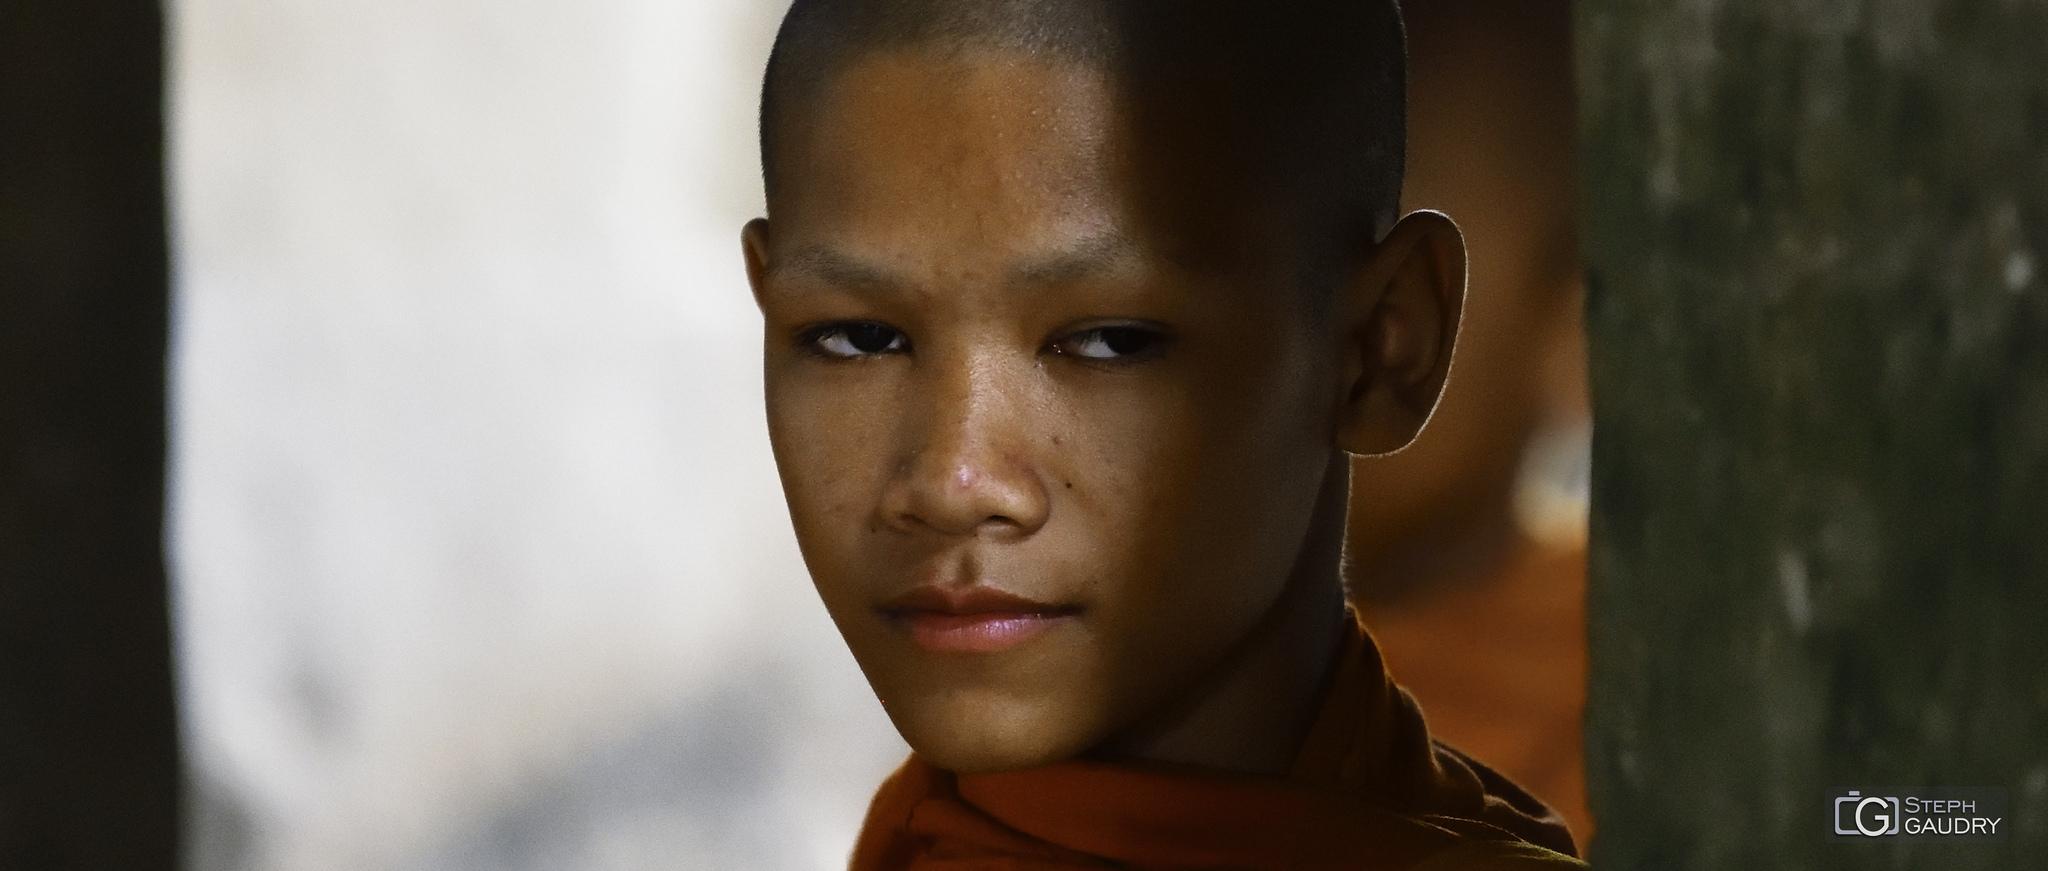 Jeune moine au Cambodge [Klicken Sie hier, um die Diashow zu starten]